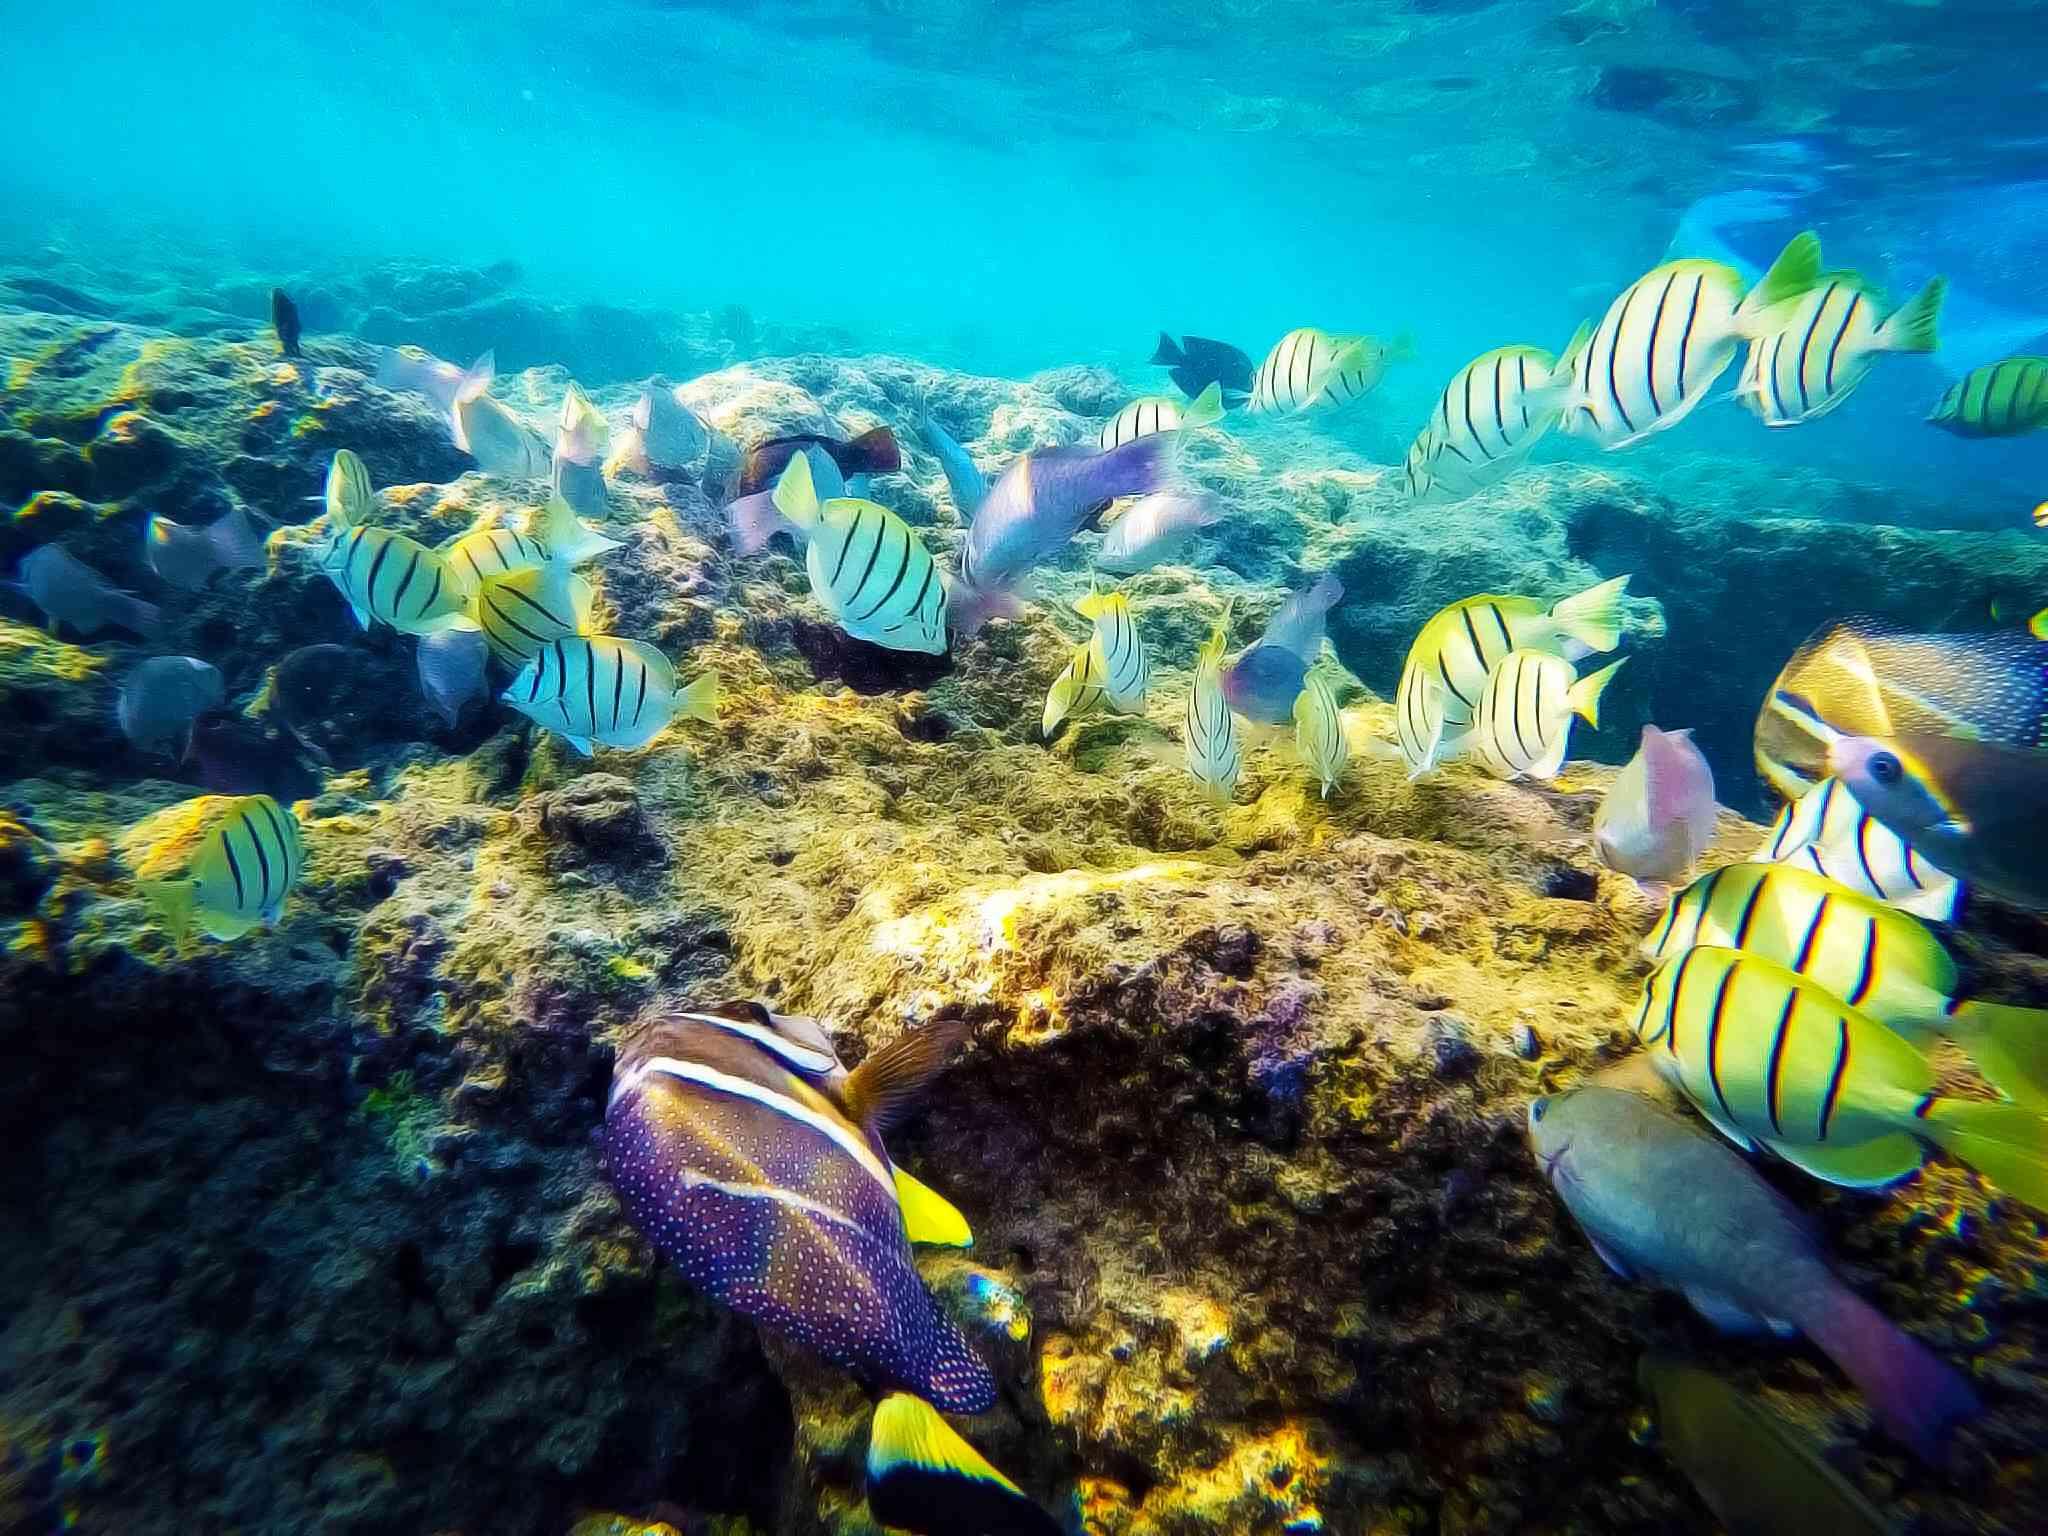 Colorful fish at Hanauma Bay in Hawaii